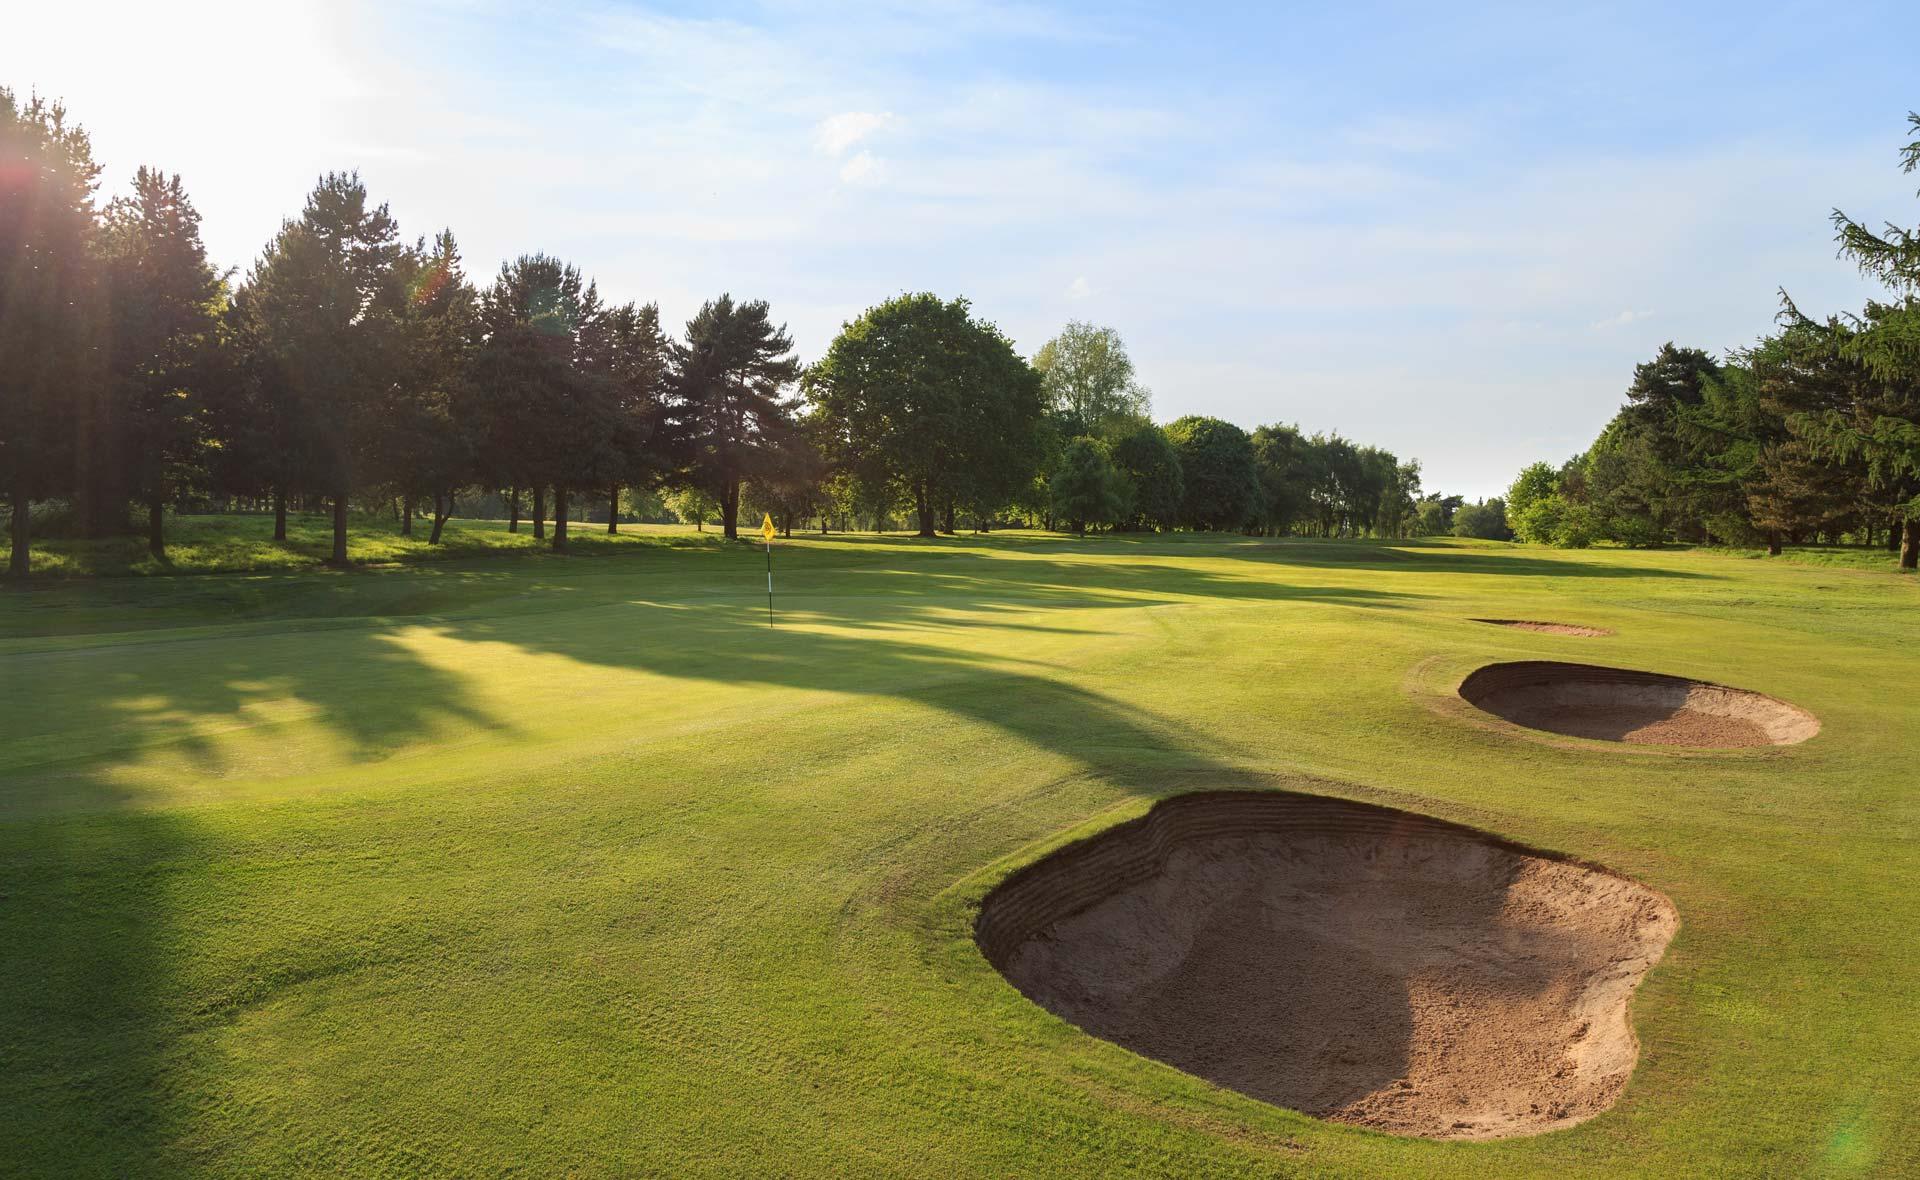 south staffordshire golf club hole 8